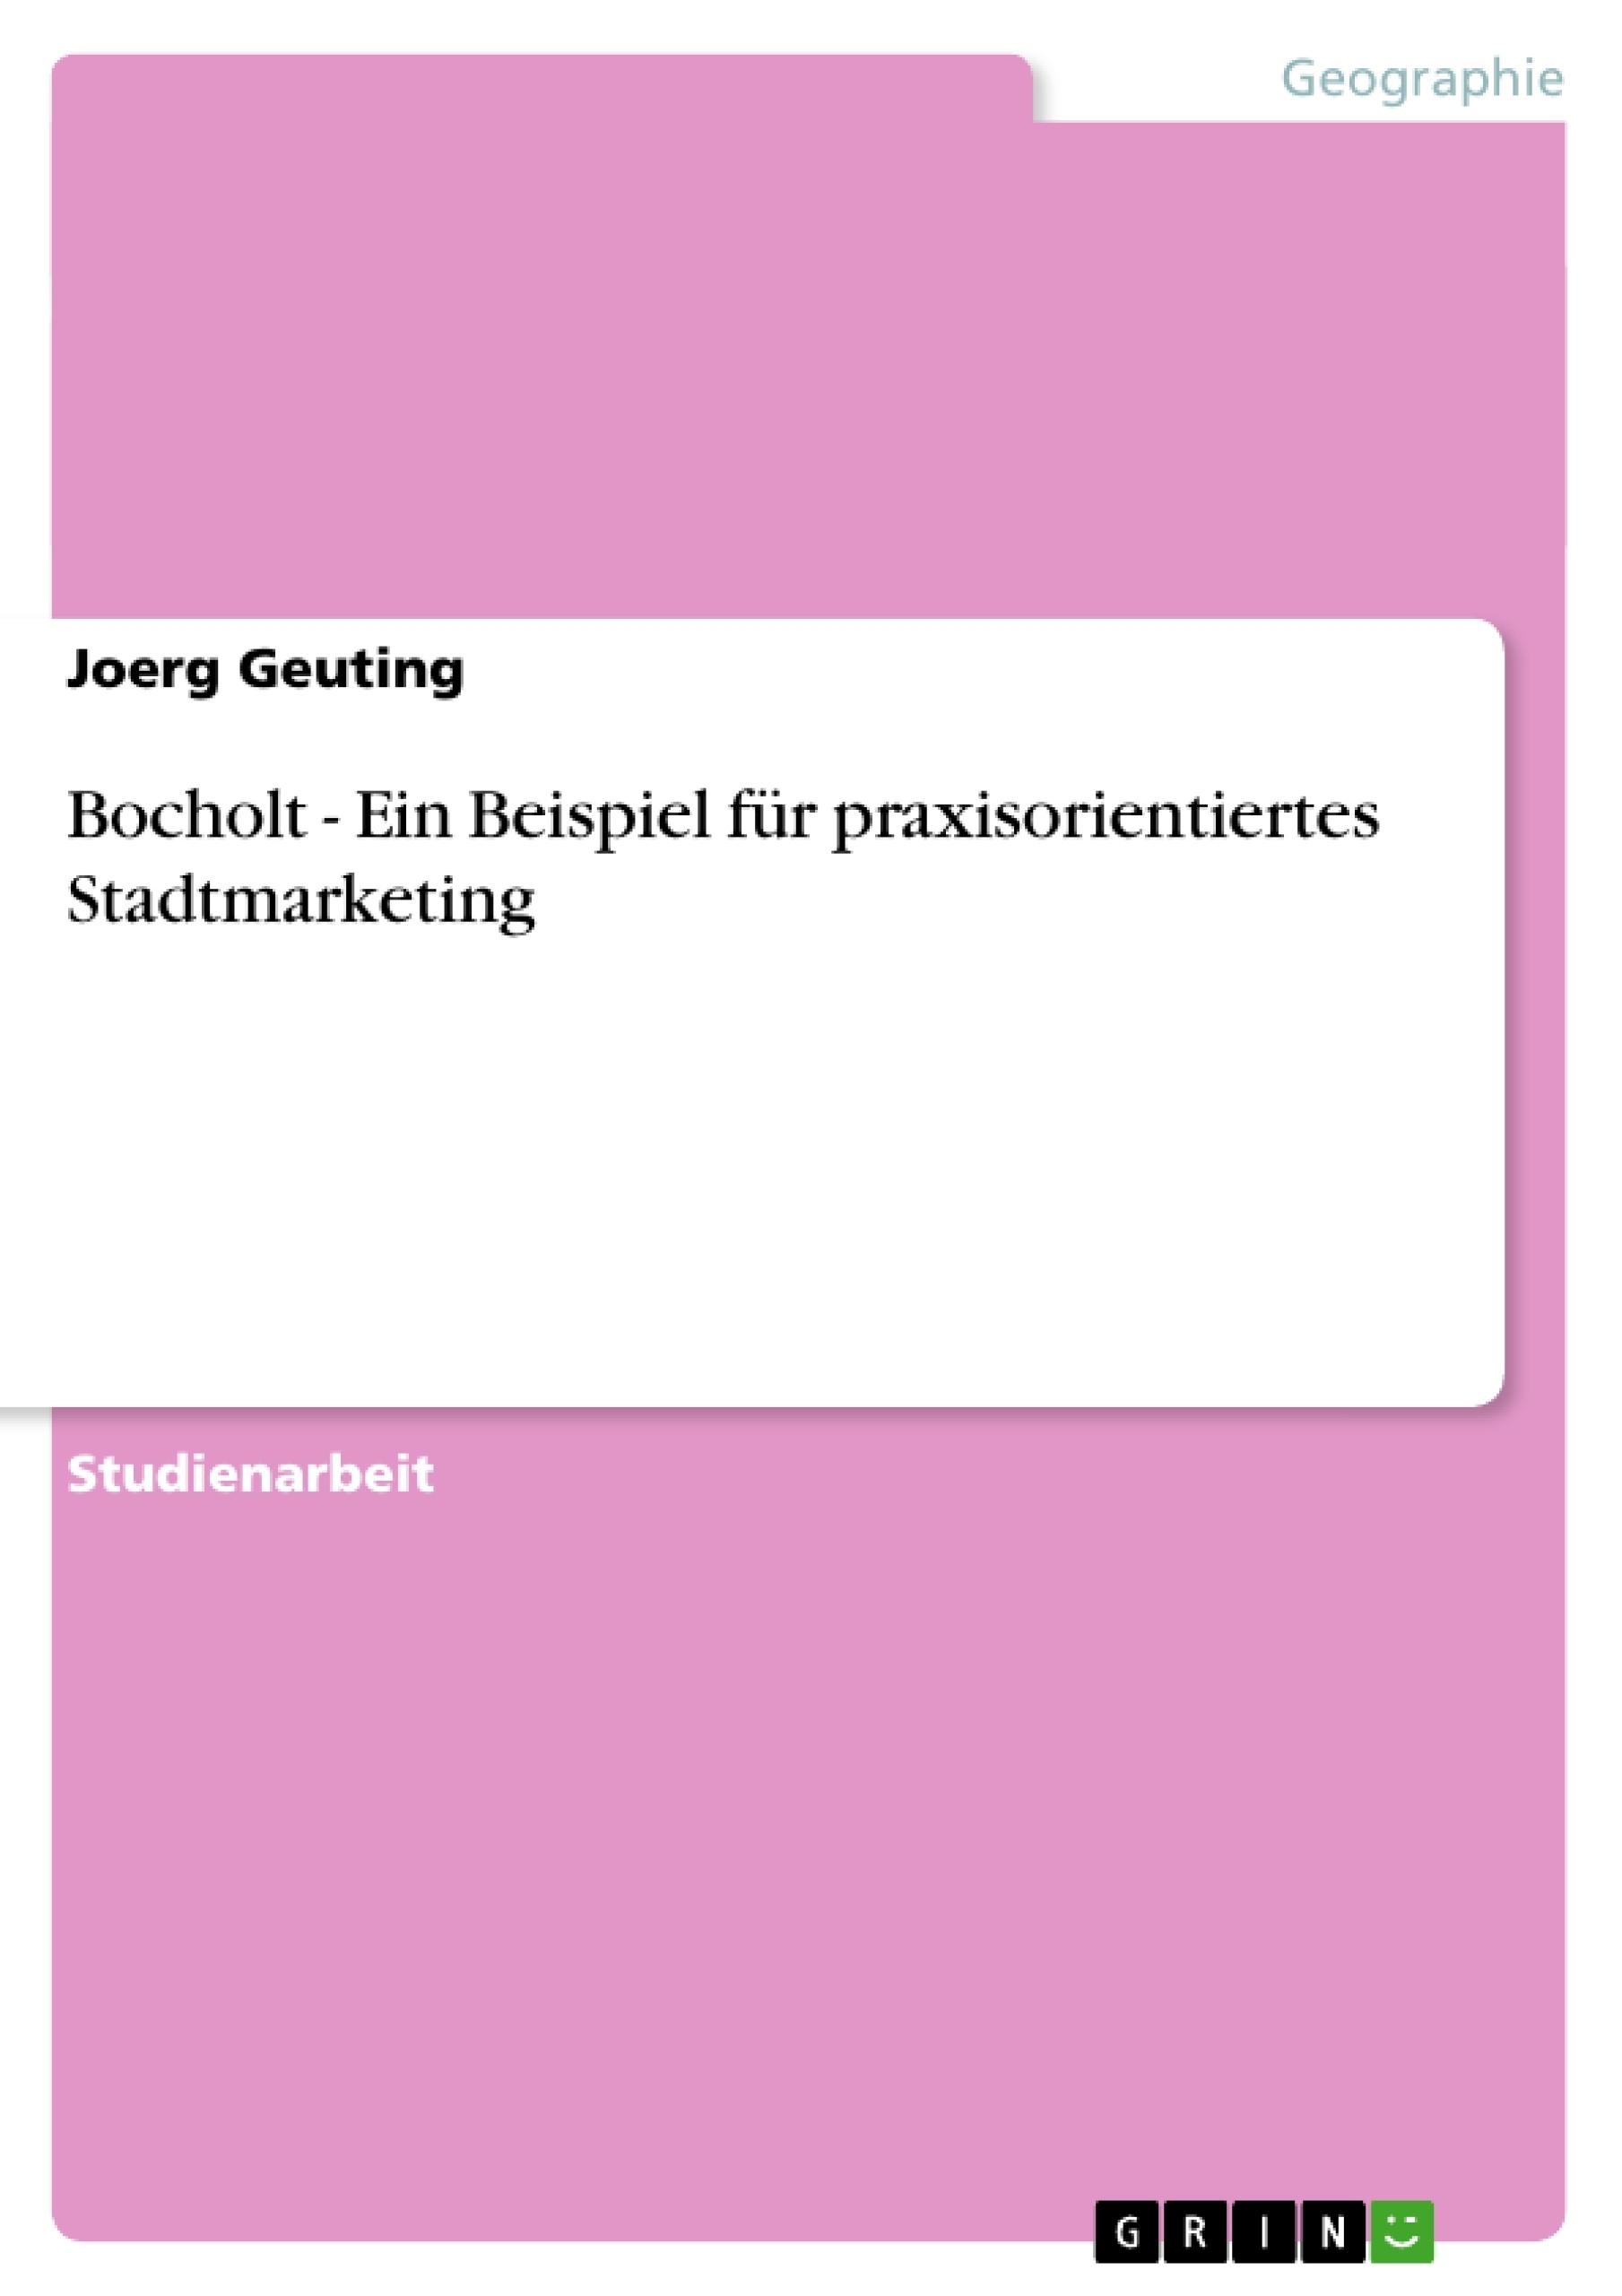 Titel: Bocholt - Ein Beispiel für praxisorientiertes Stadtmarketing